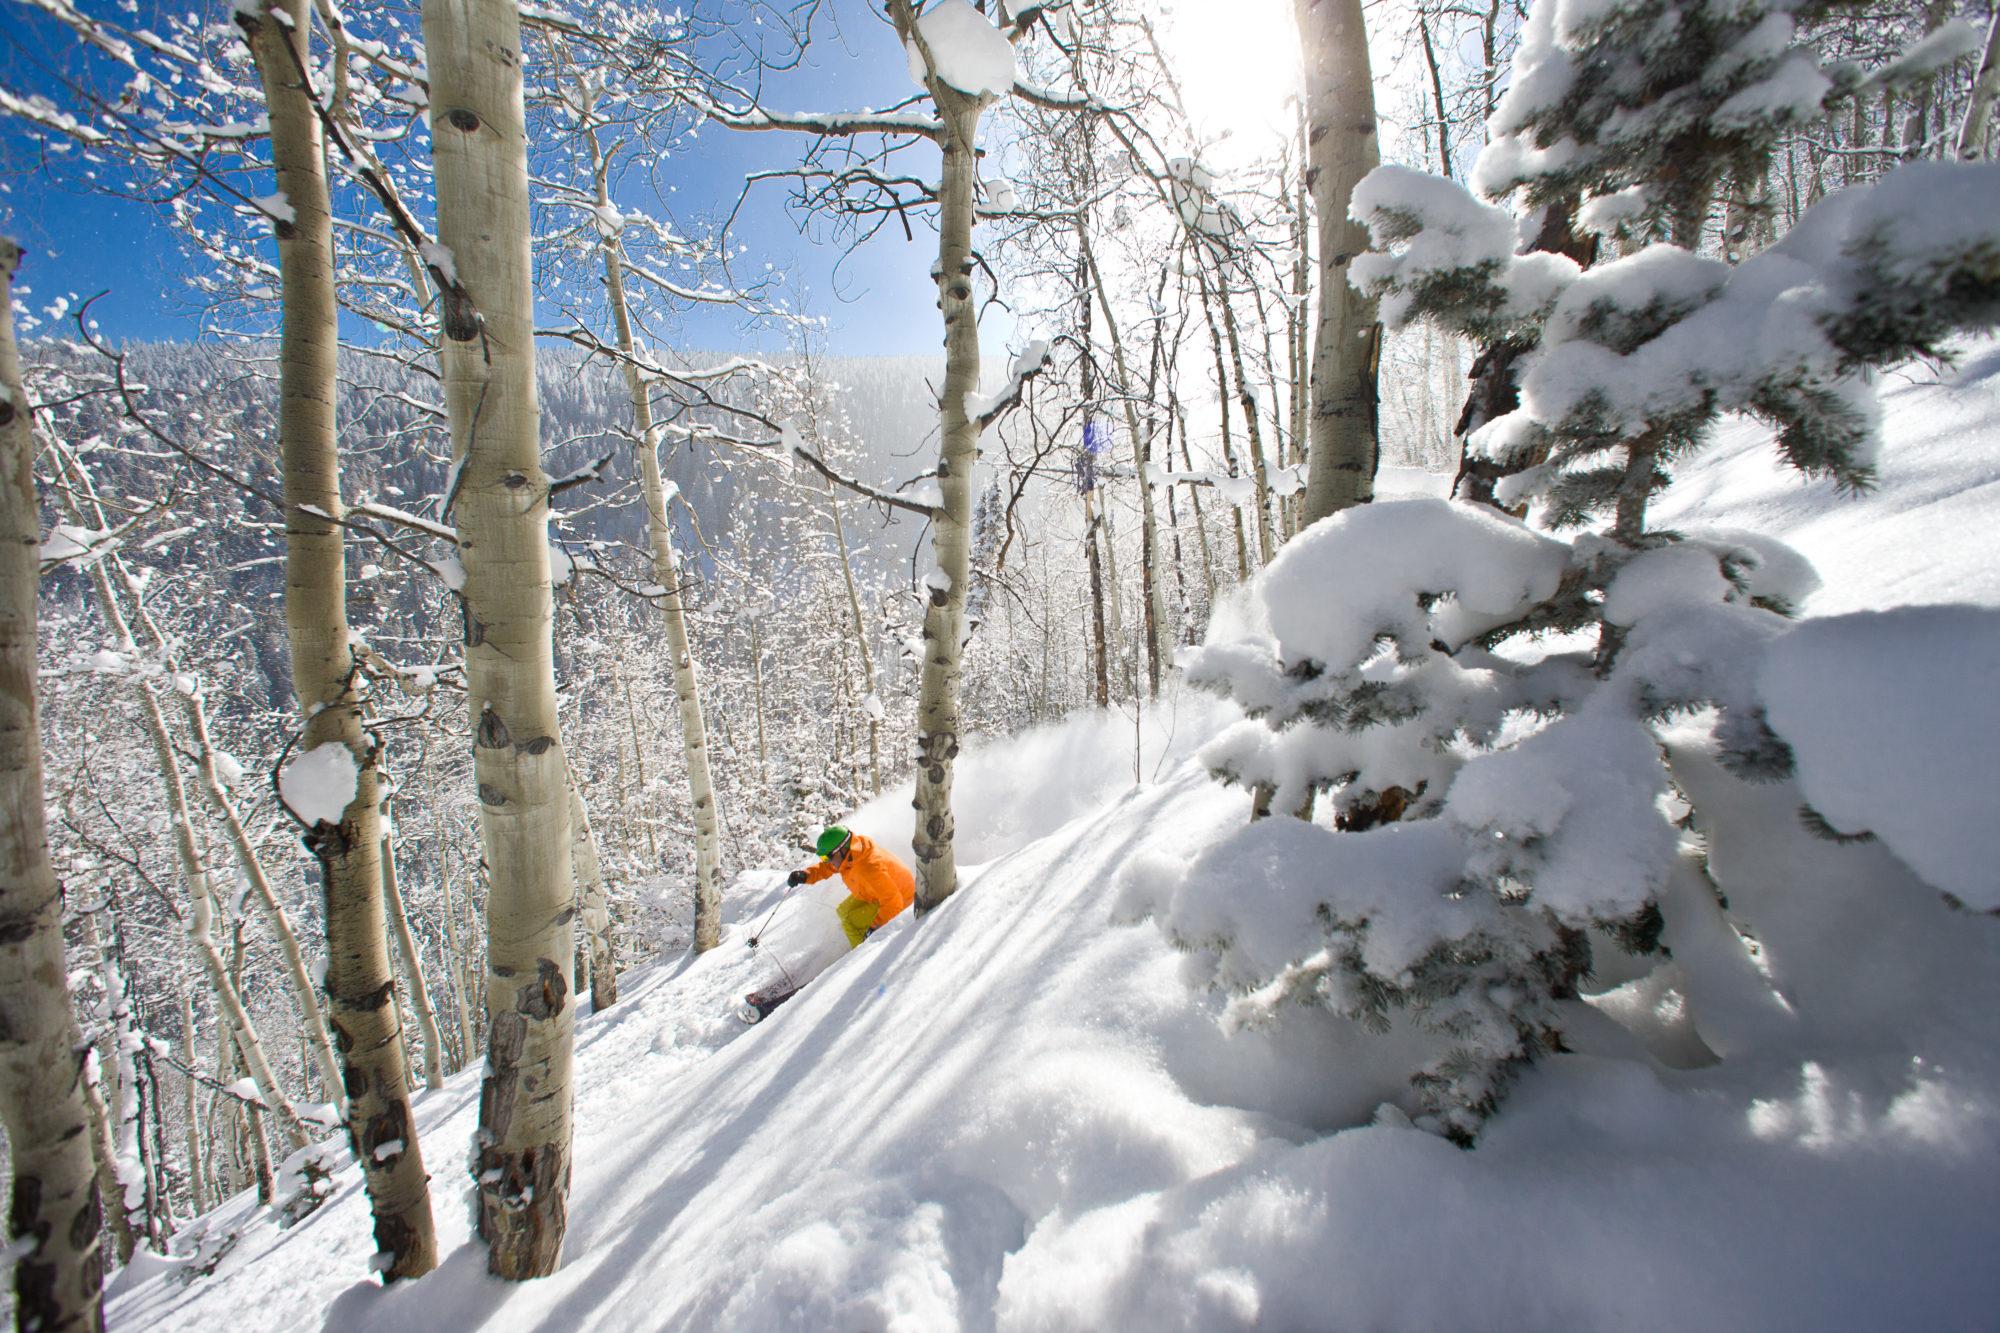 Skier in orange goes off-piste at Beaver Creek in Colorado